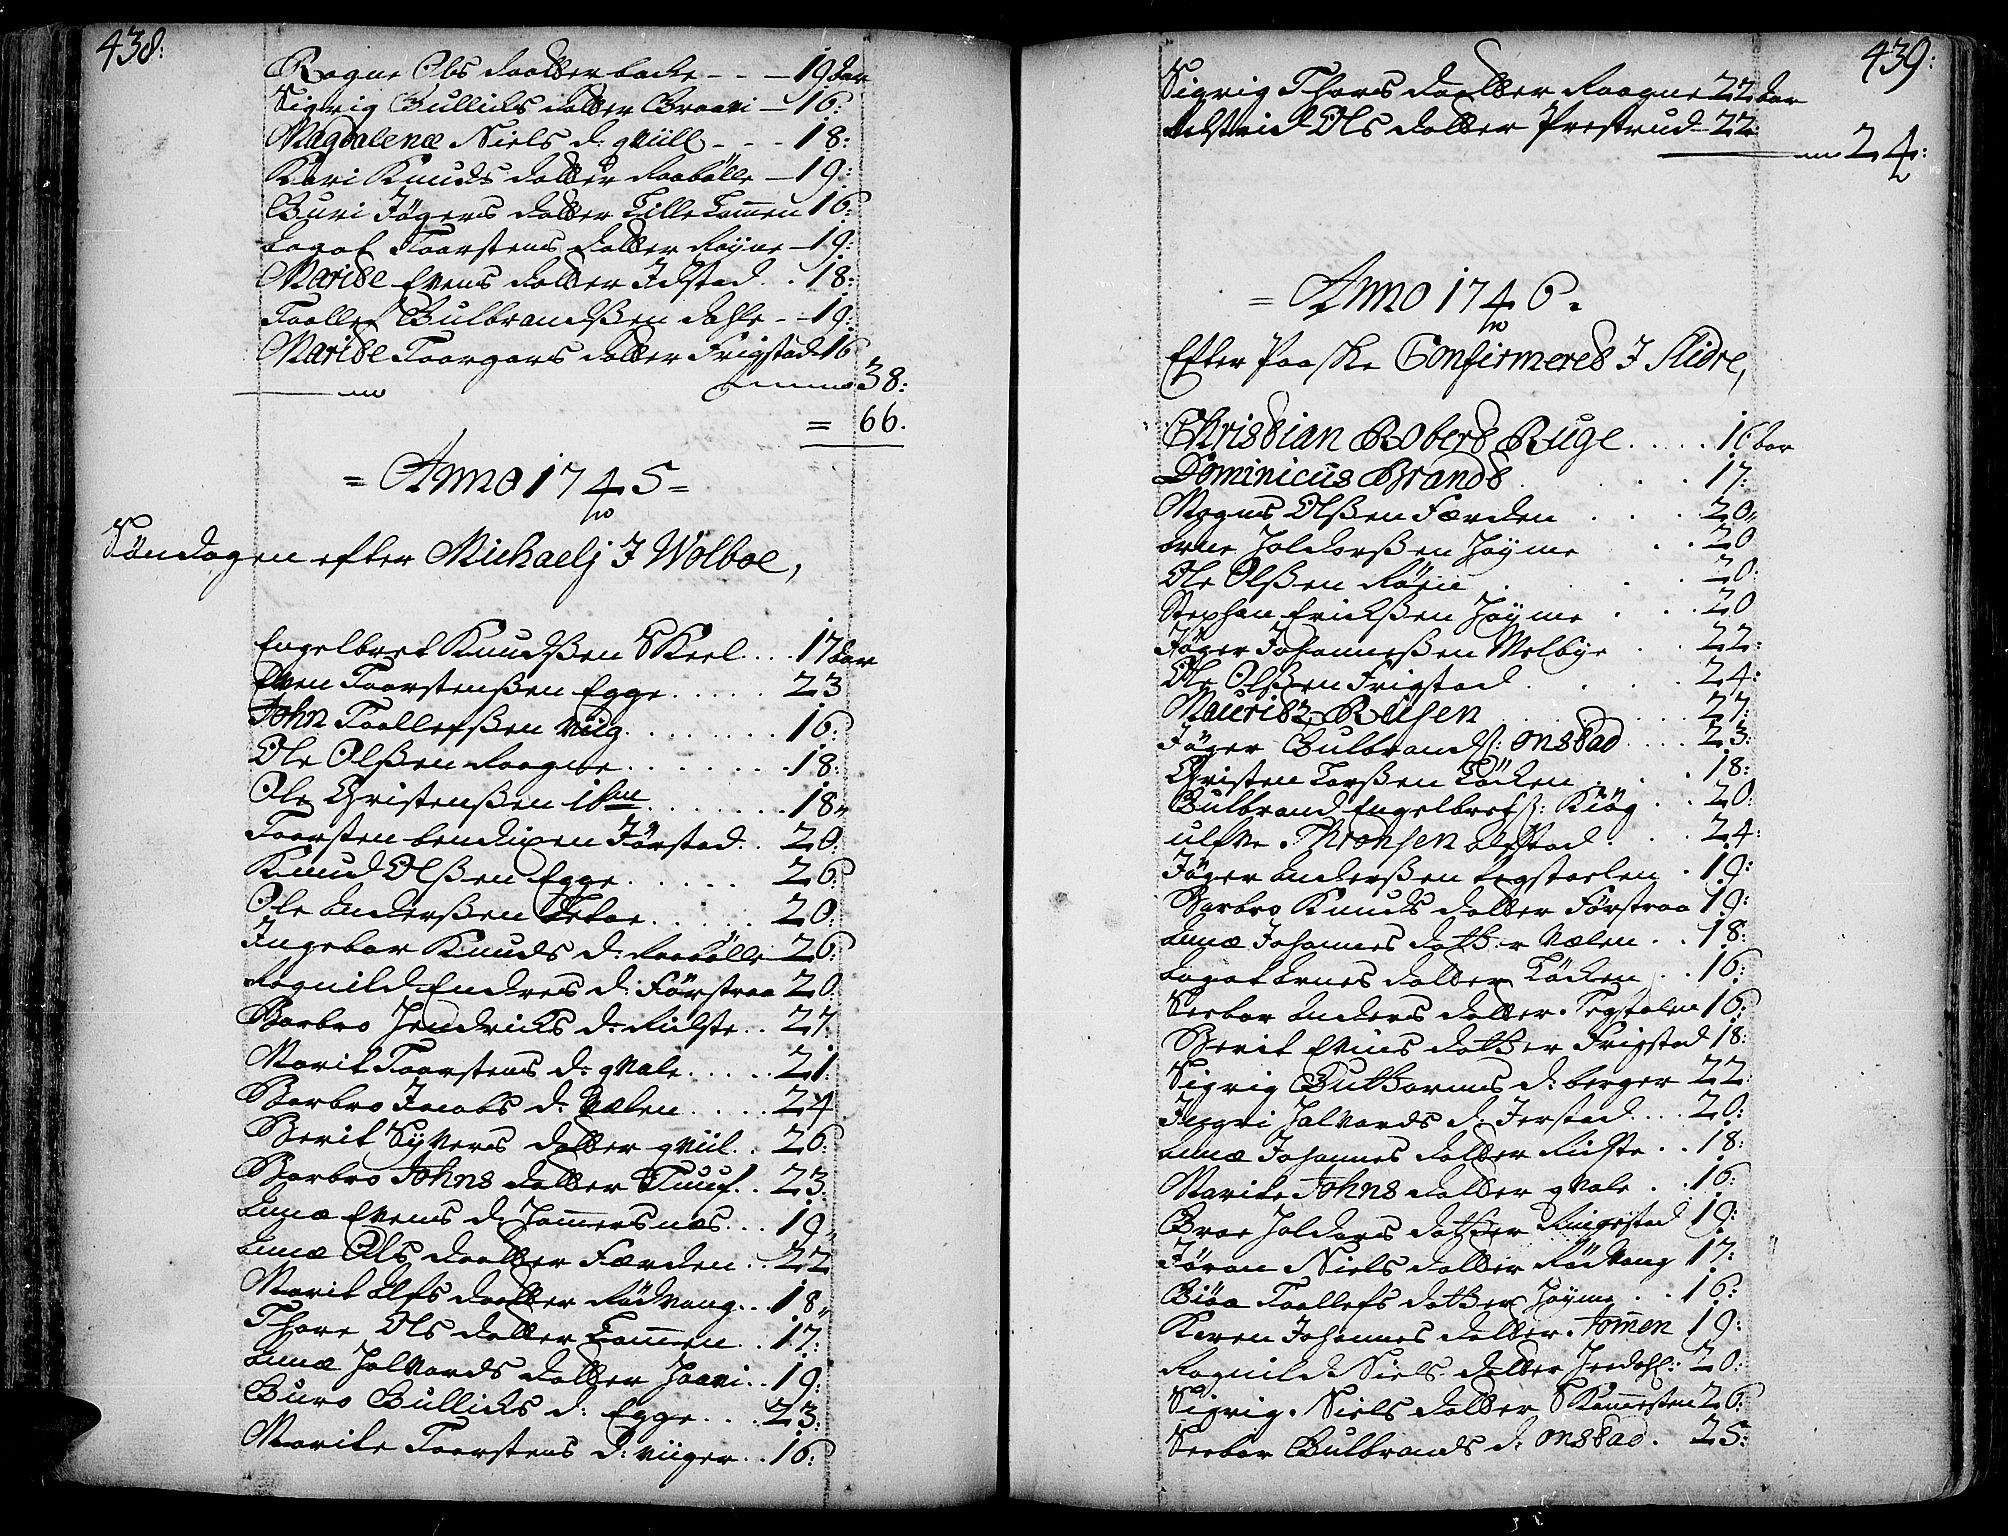 SAH, Slidre prestekontor, Ministerialbok nr. 1, 1724-1814, s. 438-439